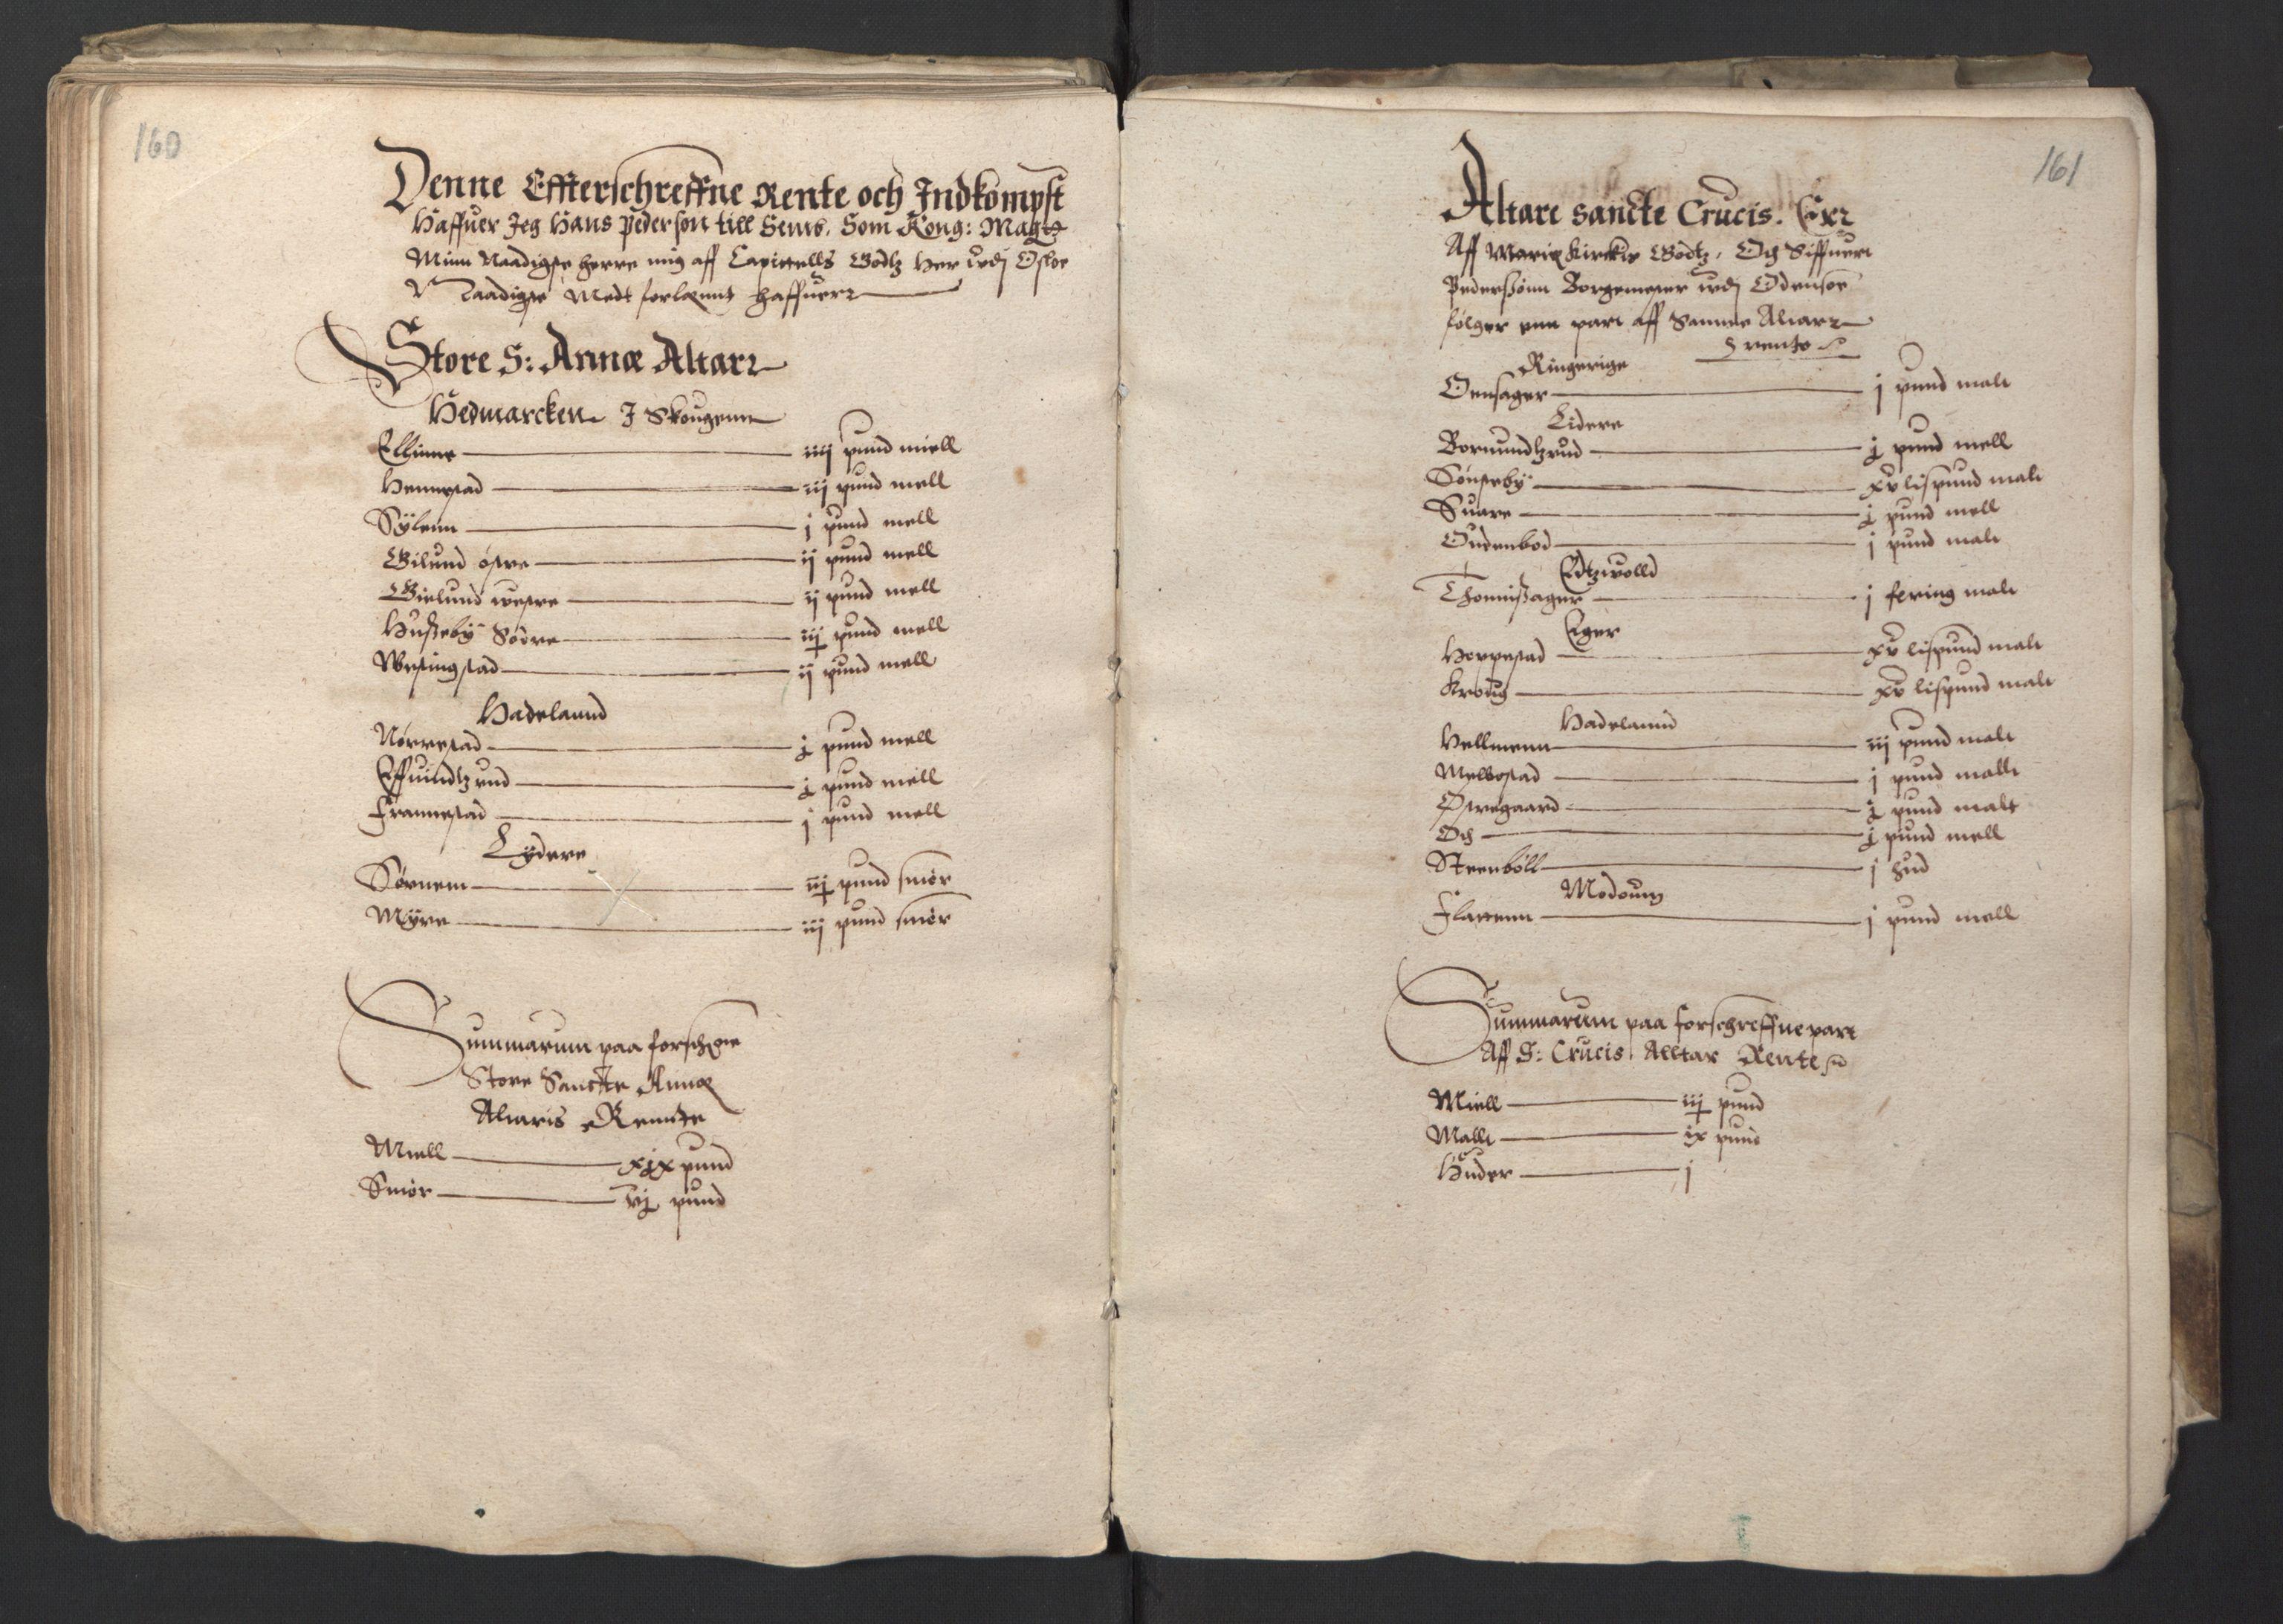 RA, Stattholderembetet 1572-1771, Ek/L0001: Jordebøker før 1624 og til utligning av garnisonsskatt 1624-1626:, 1595, s. 160-161